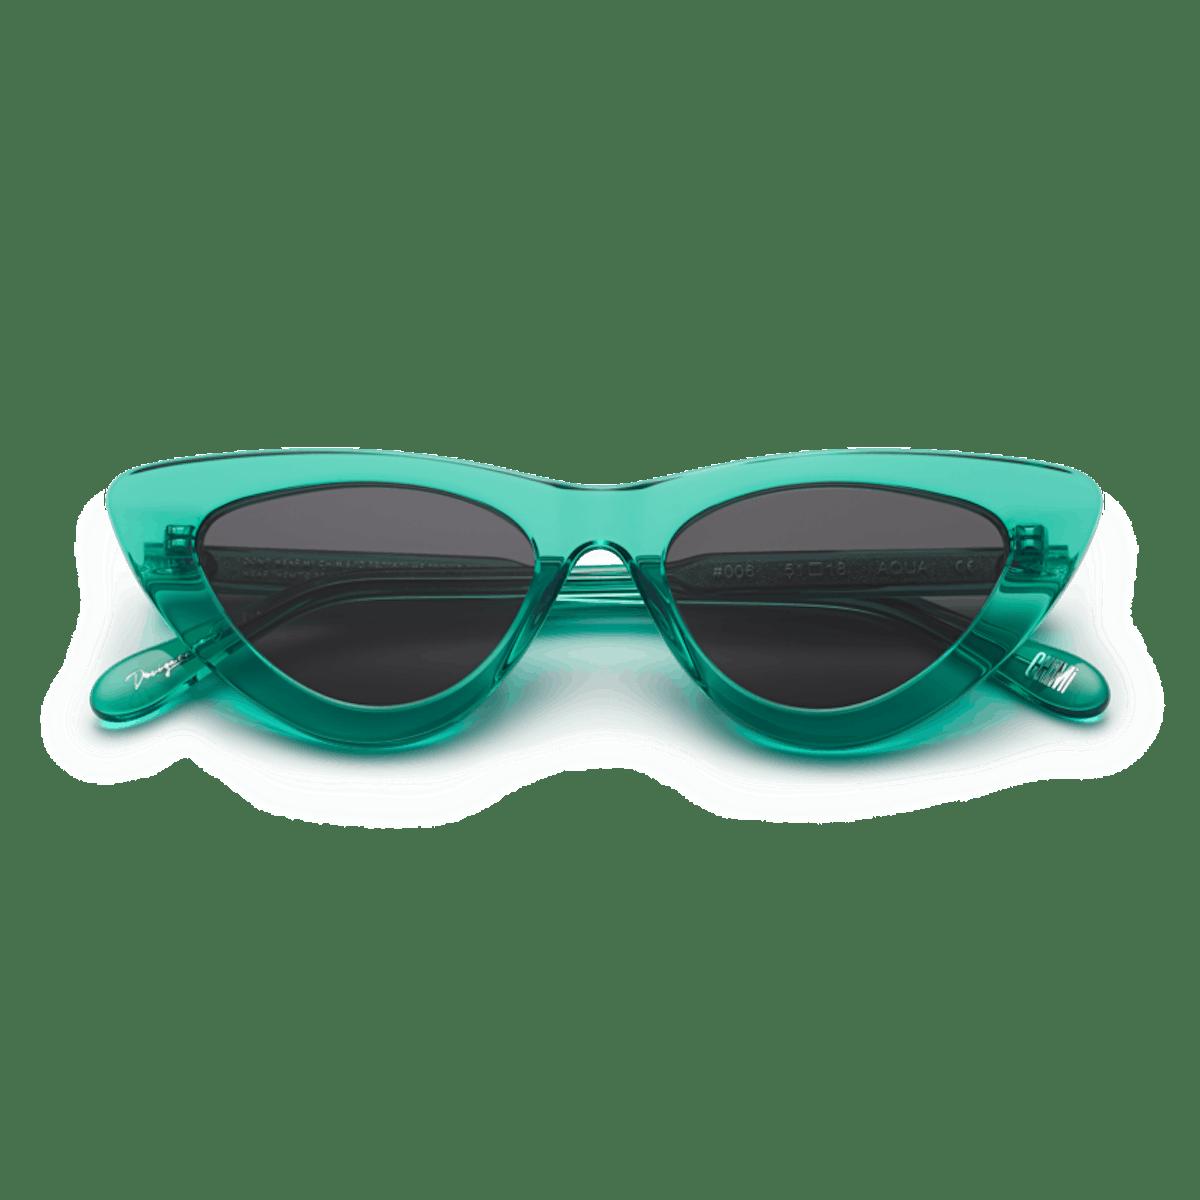 Aqua #006 Black